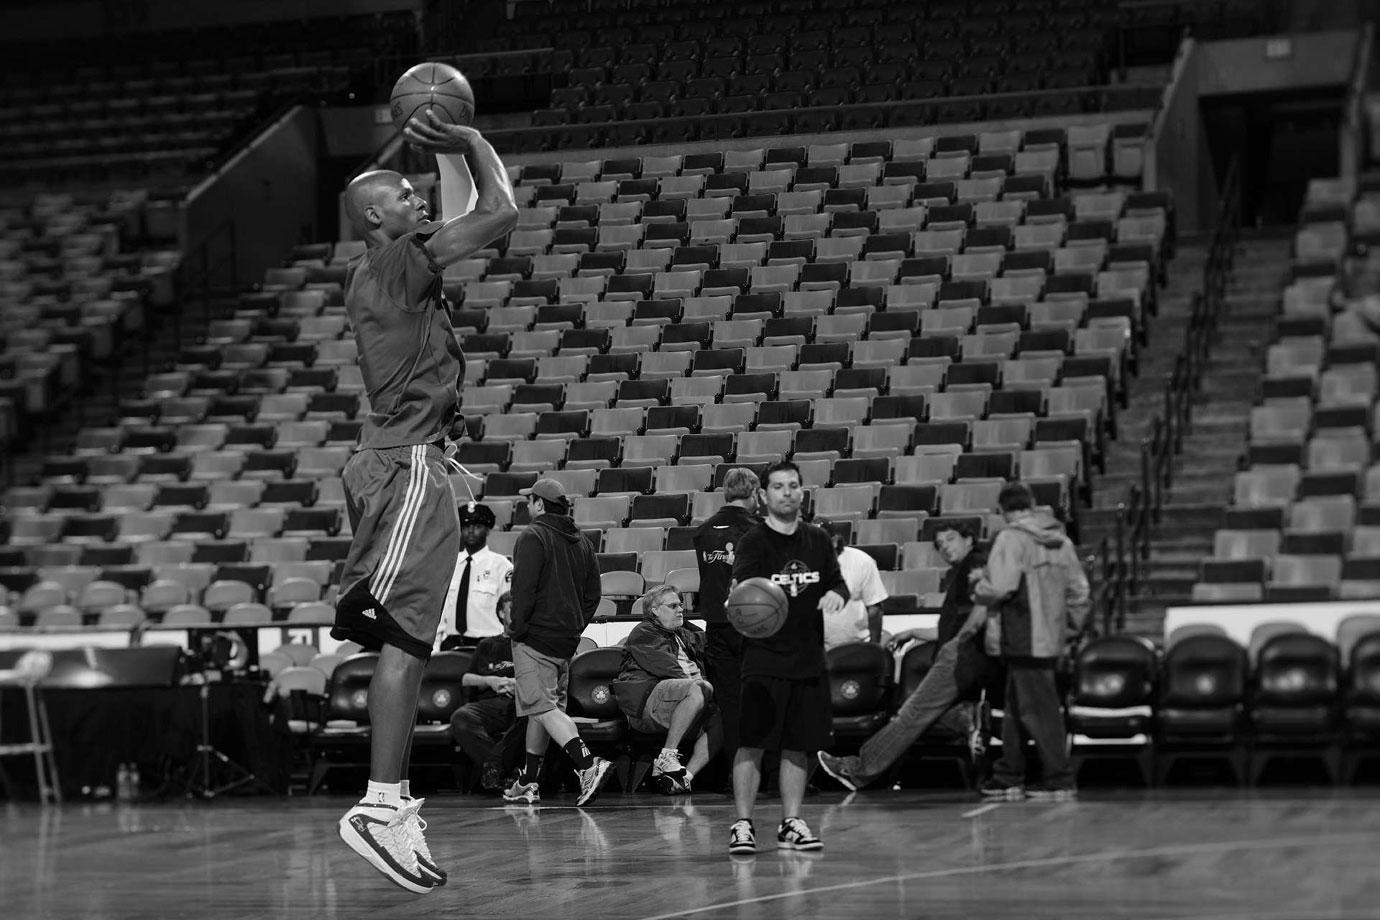 NBA Finals (practice) — June 13, 2010